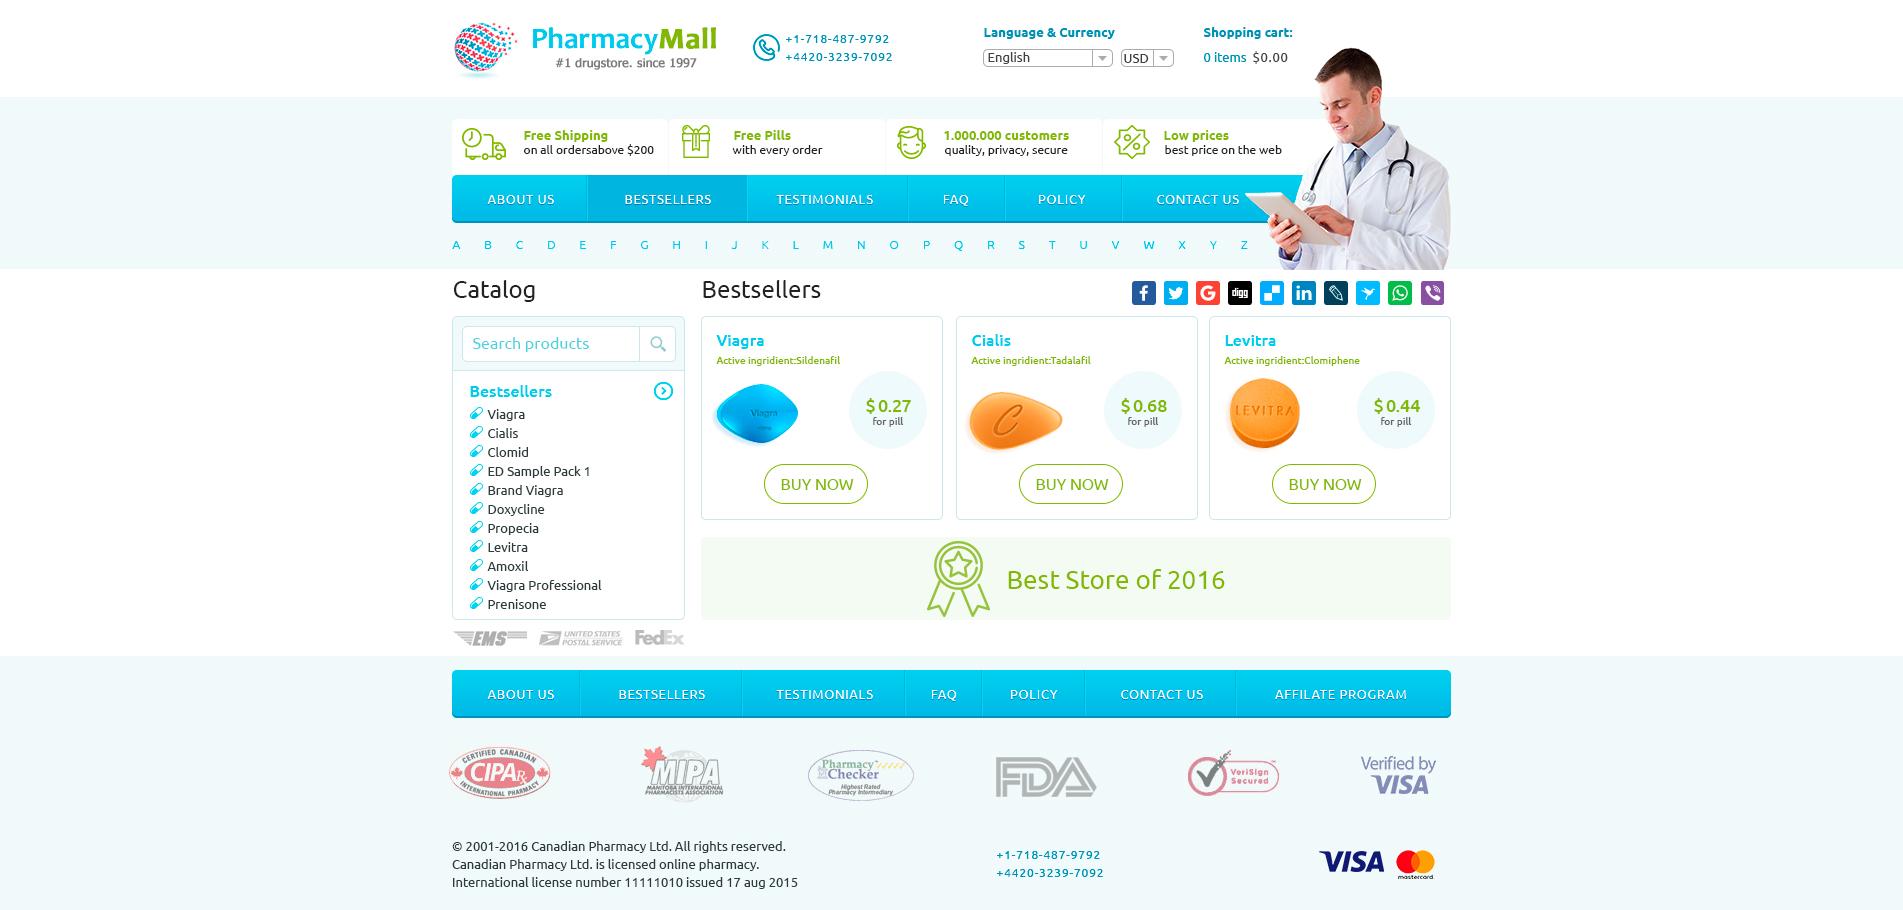 Pharmacy mall